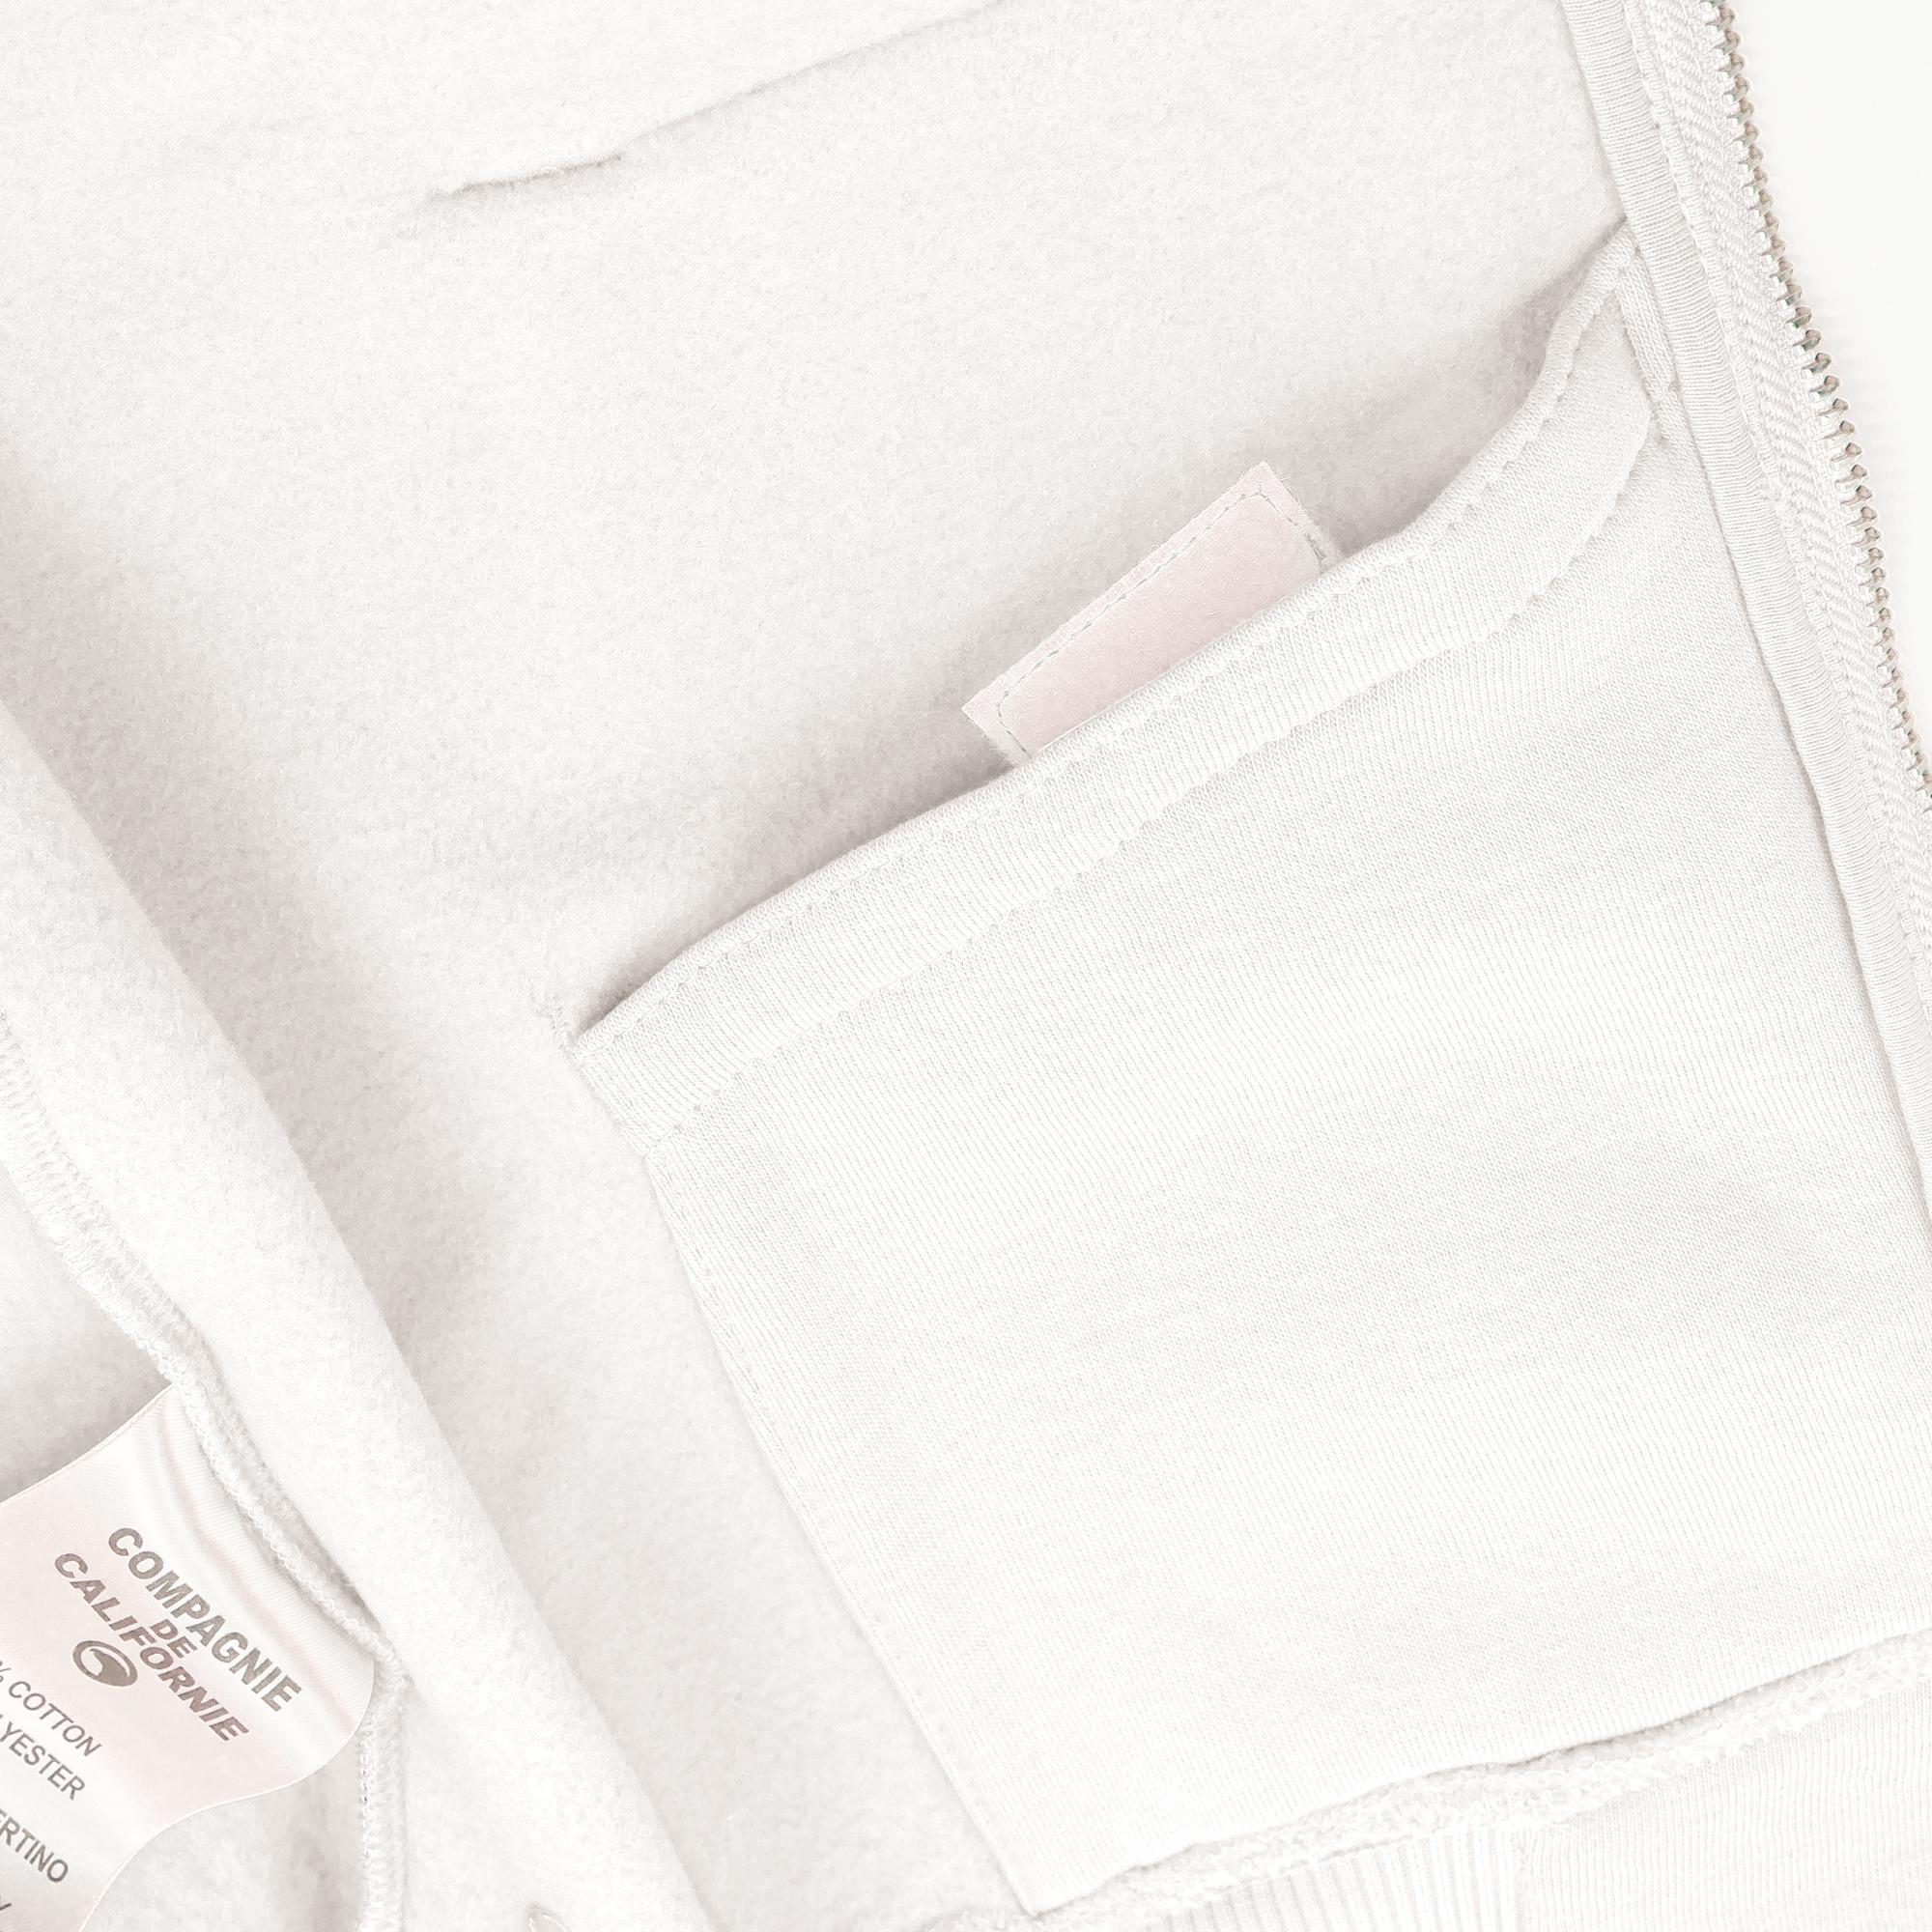 new cupertino hoodie zip blanc 3